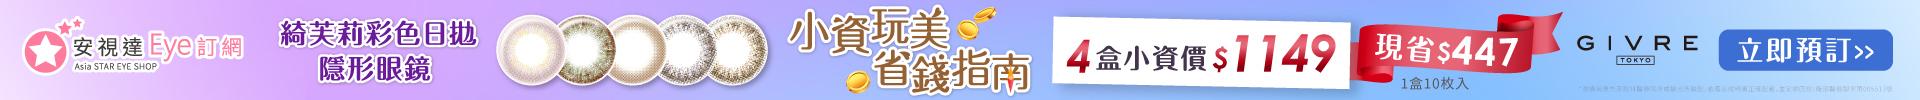 11檔綺芙莉箱購上方banner